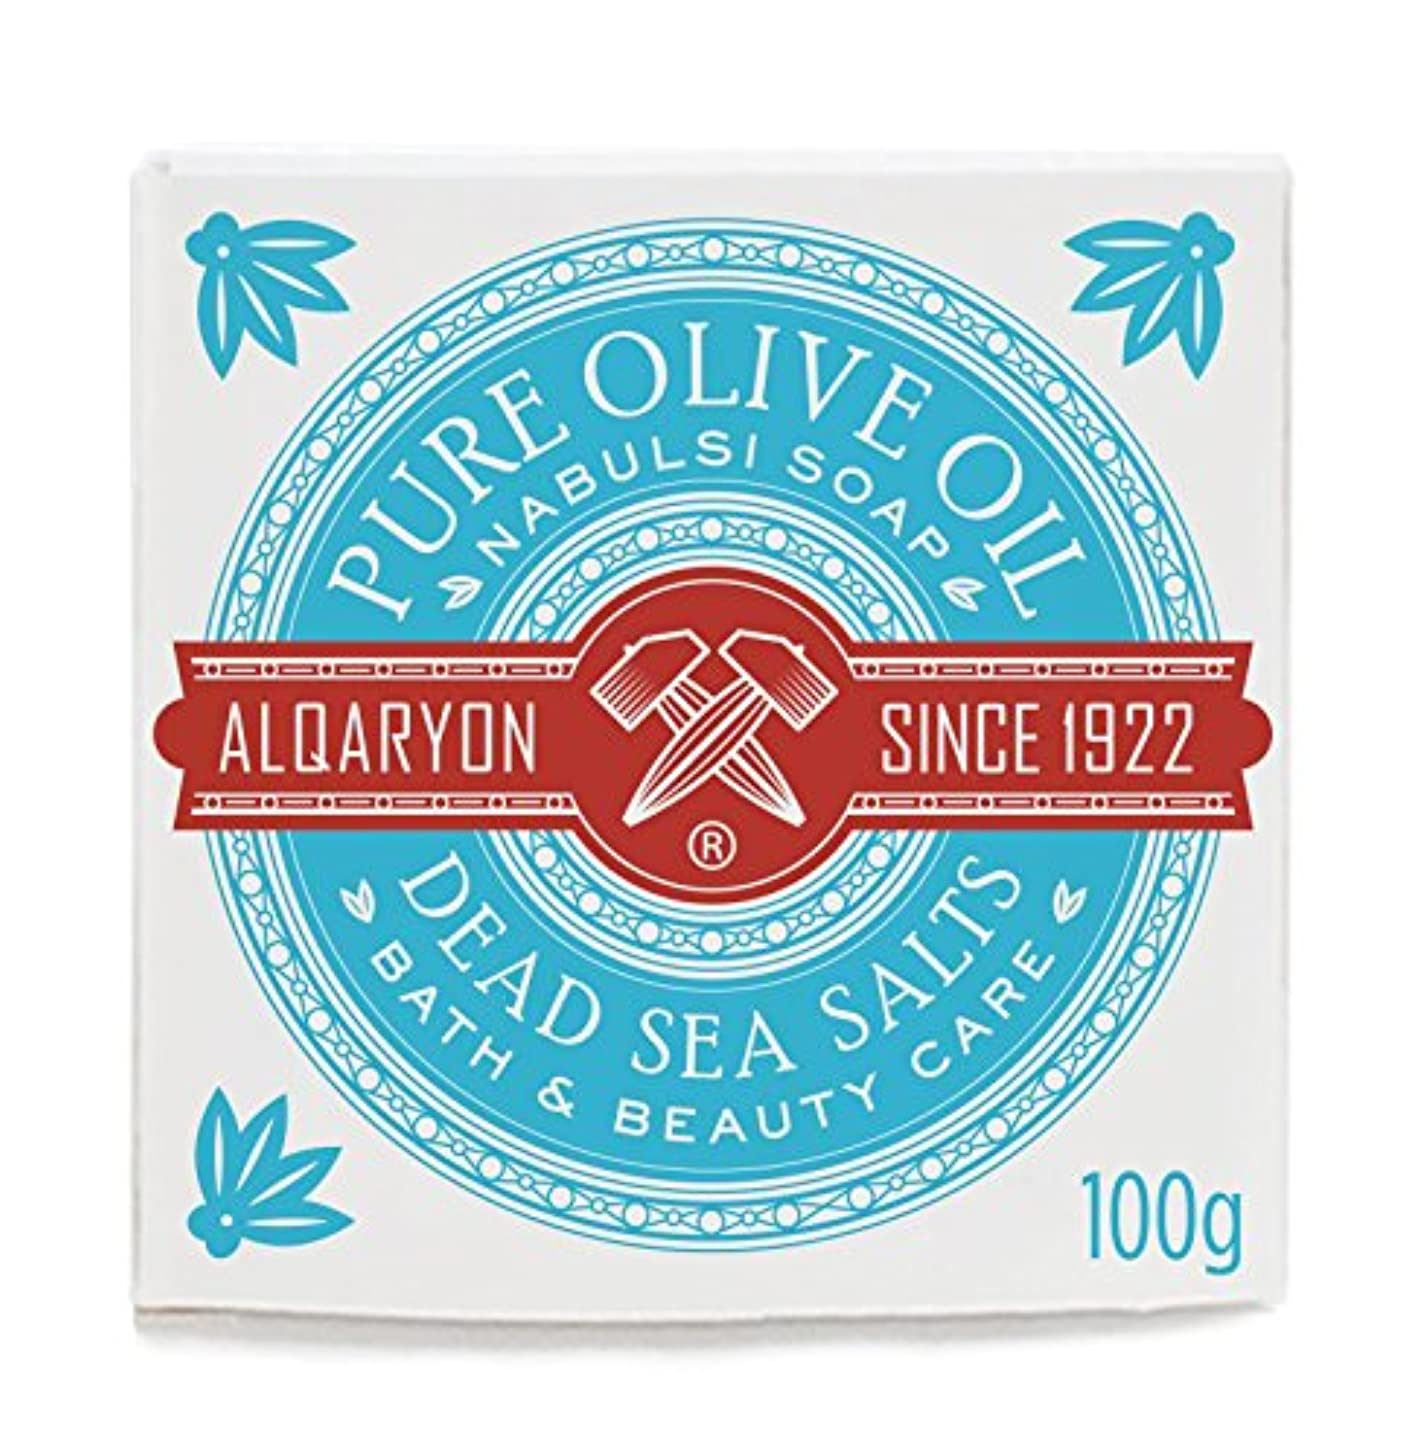 血まみれお母さん束ねるAlqaryon Dead Sea Salts & Olive Oil Bar Soap, Pack of 4 Bars 100g- Alqaryonの死海で取れる塩&オリーブオイル ソープ、バス & ビューティー ケア...